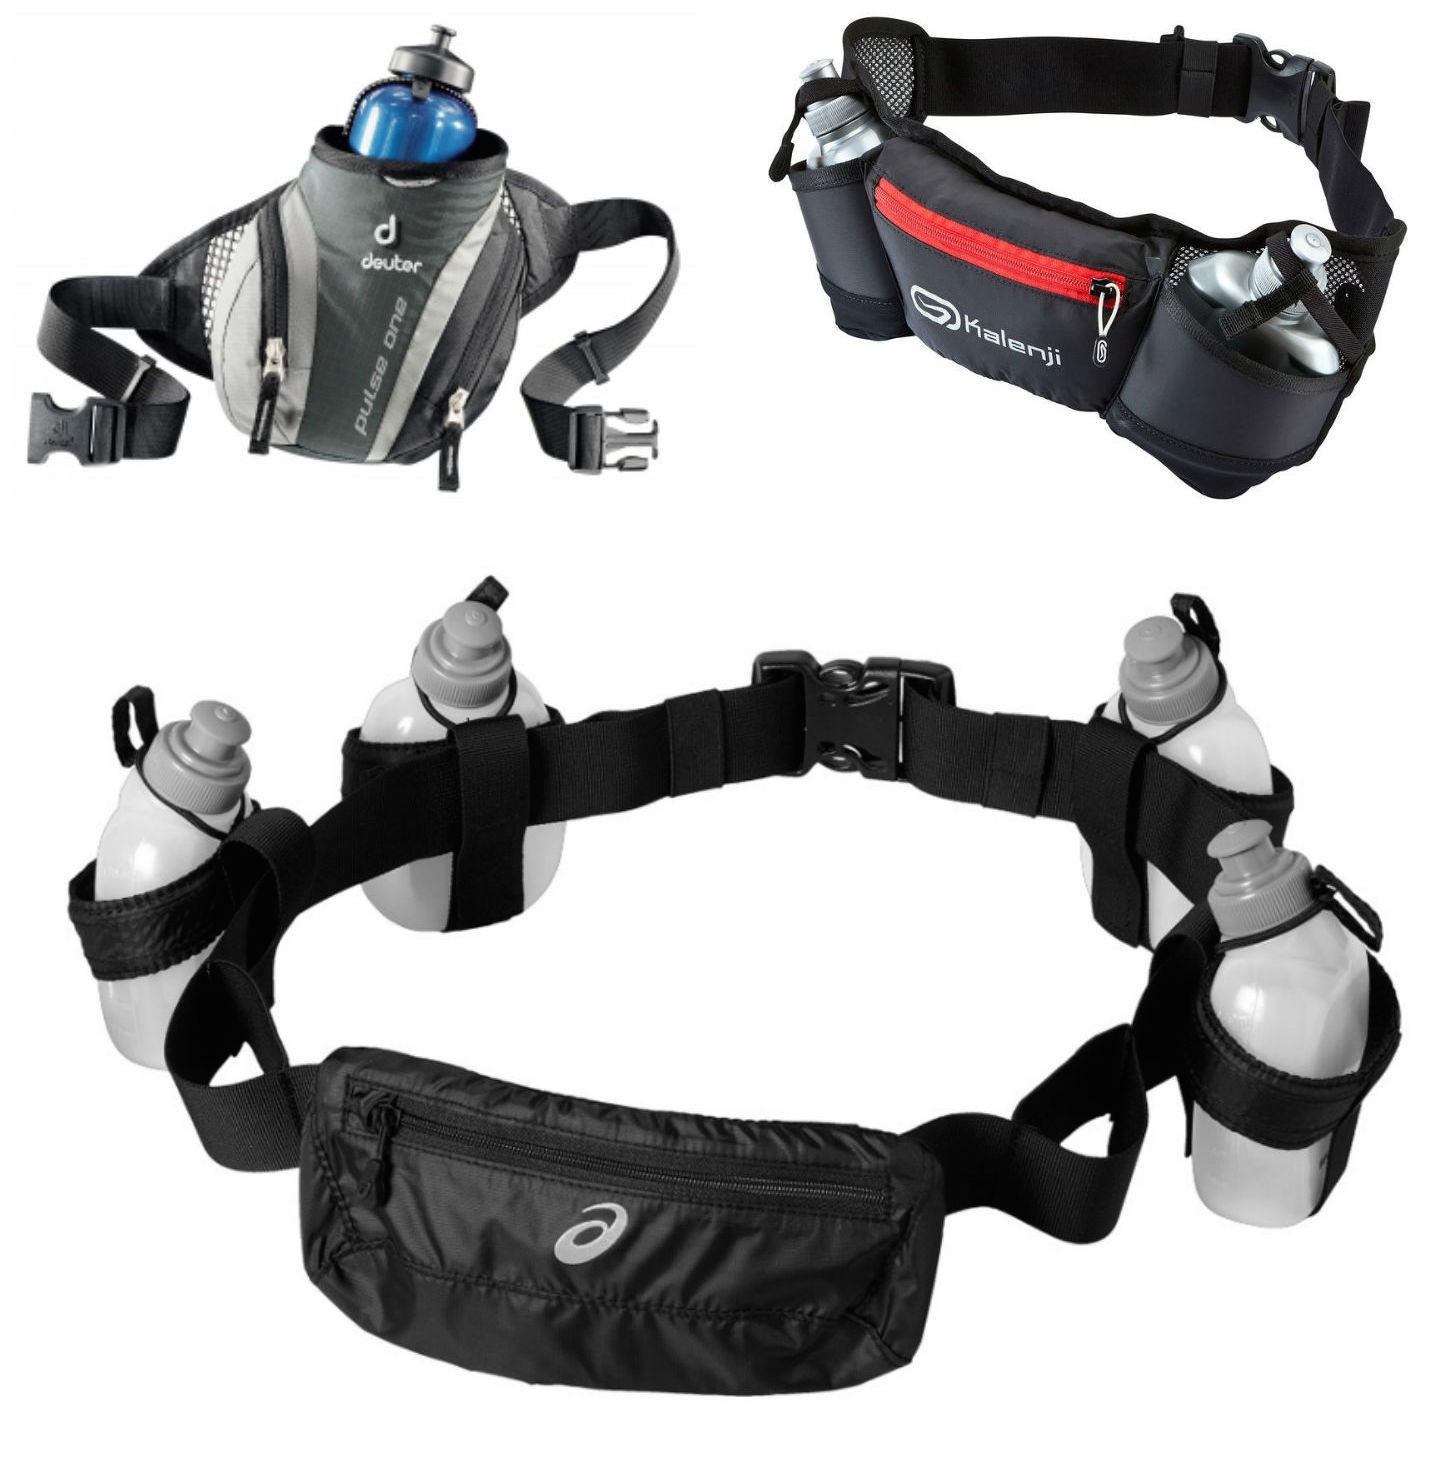 Обзор не гаджета. Выбираем лучший чехол для тренировок и другие аксессуары для смартфонов: повязки, сумки и силиконовый карман Adidas - 9